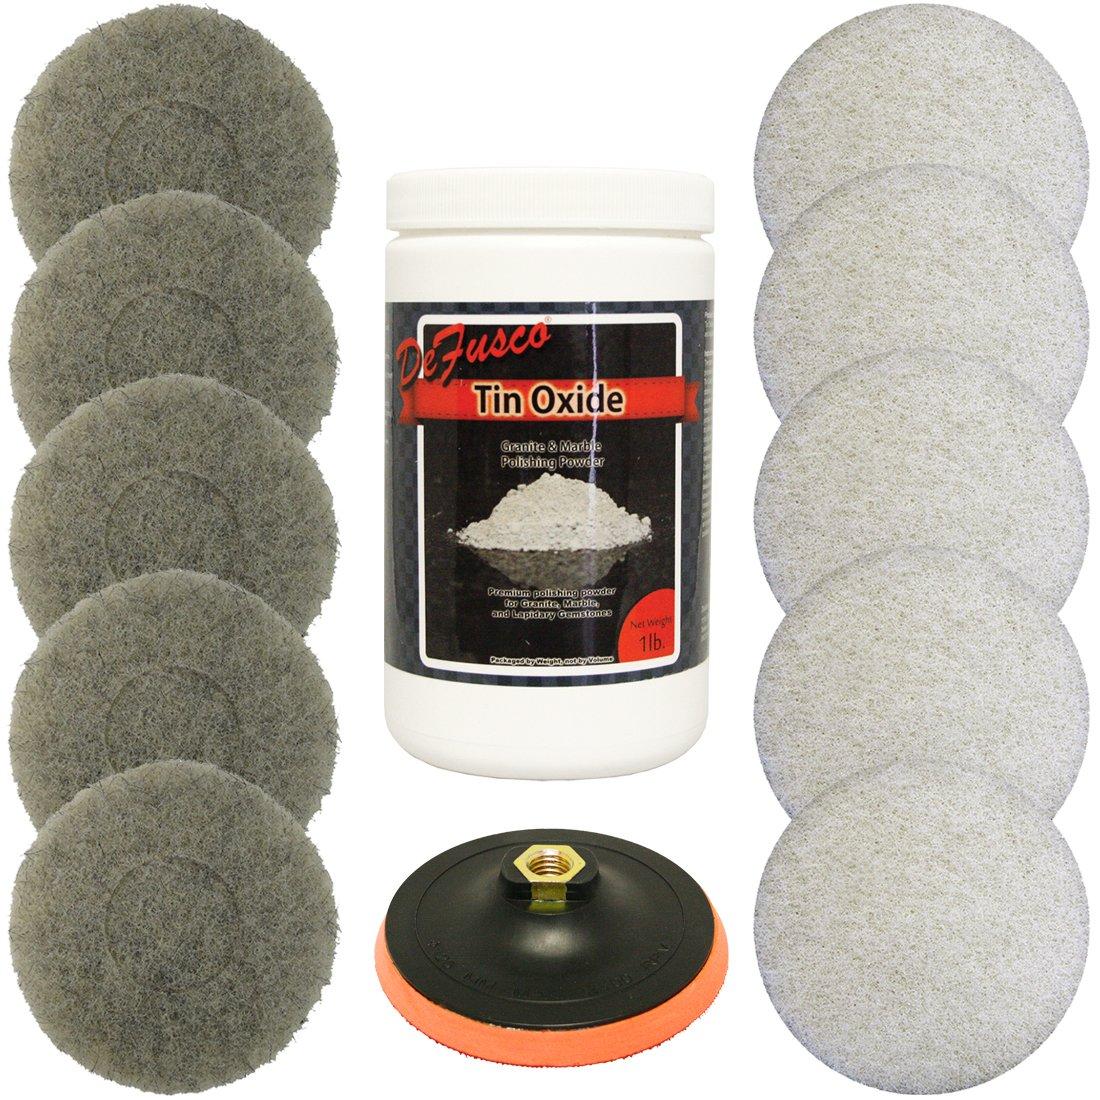 Tin Oxide Bundle With Backer Pad For Polishing